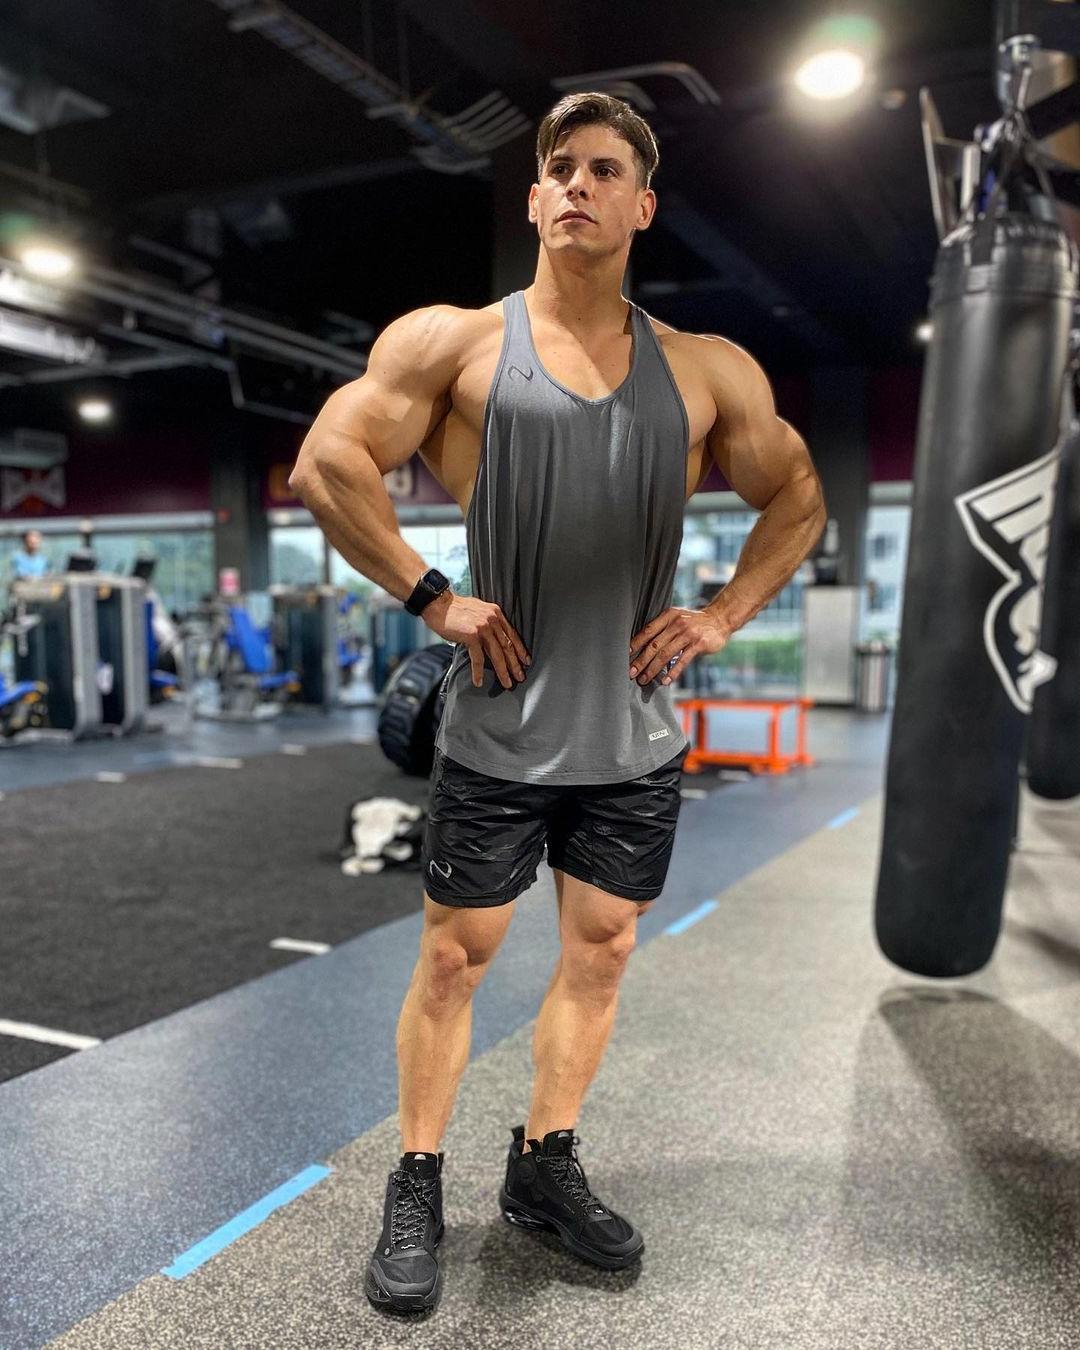 huge-muscular-men-max-murillo-wide-shoulders-gym-hunk-real-life-hercules